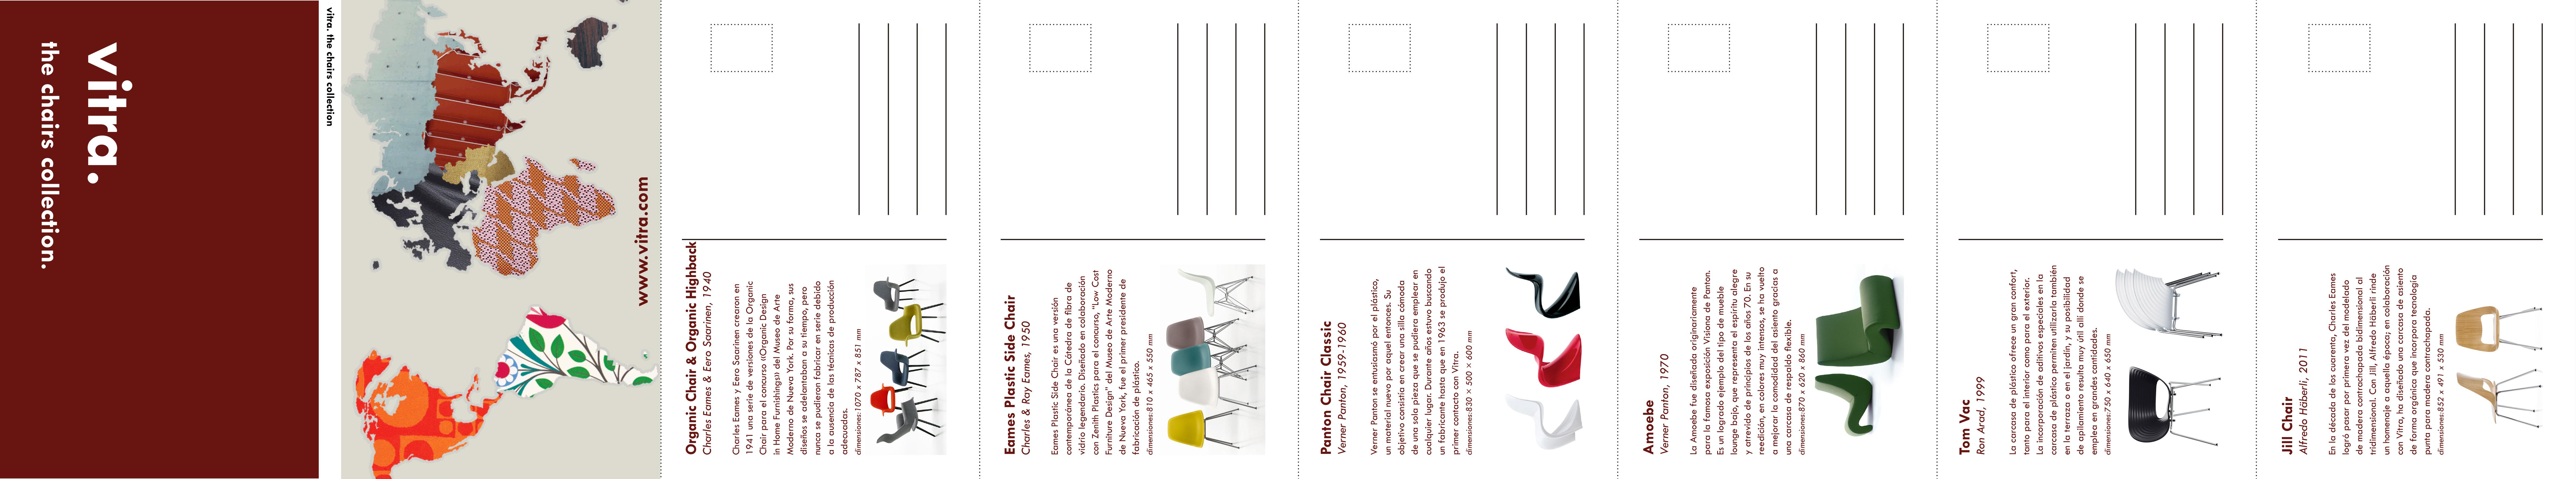 Andre Movilla Editorial Design